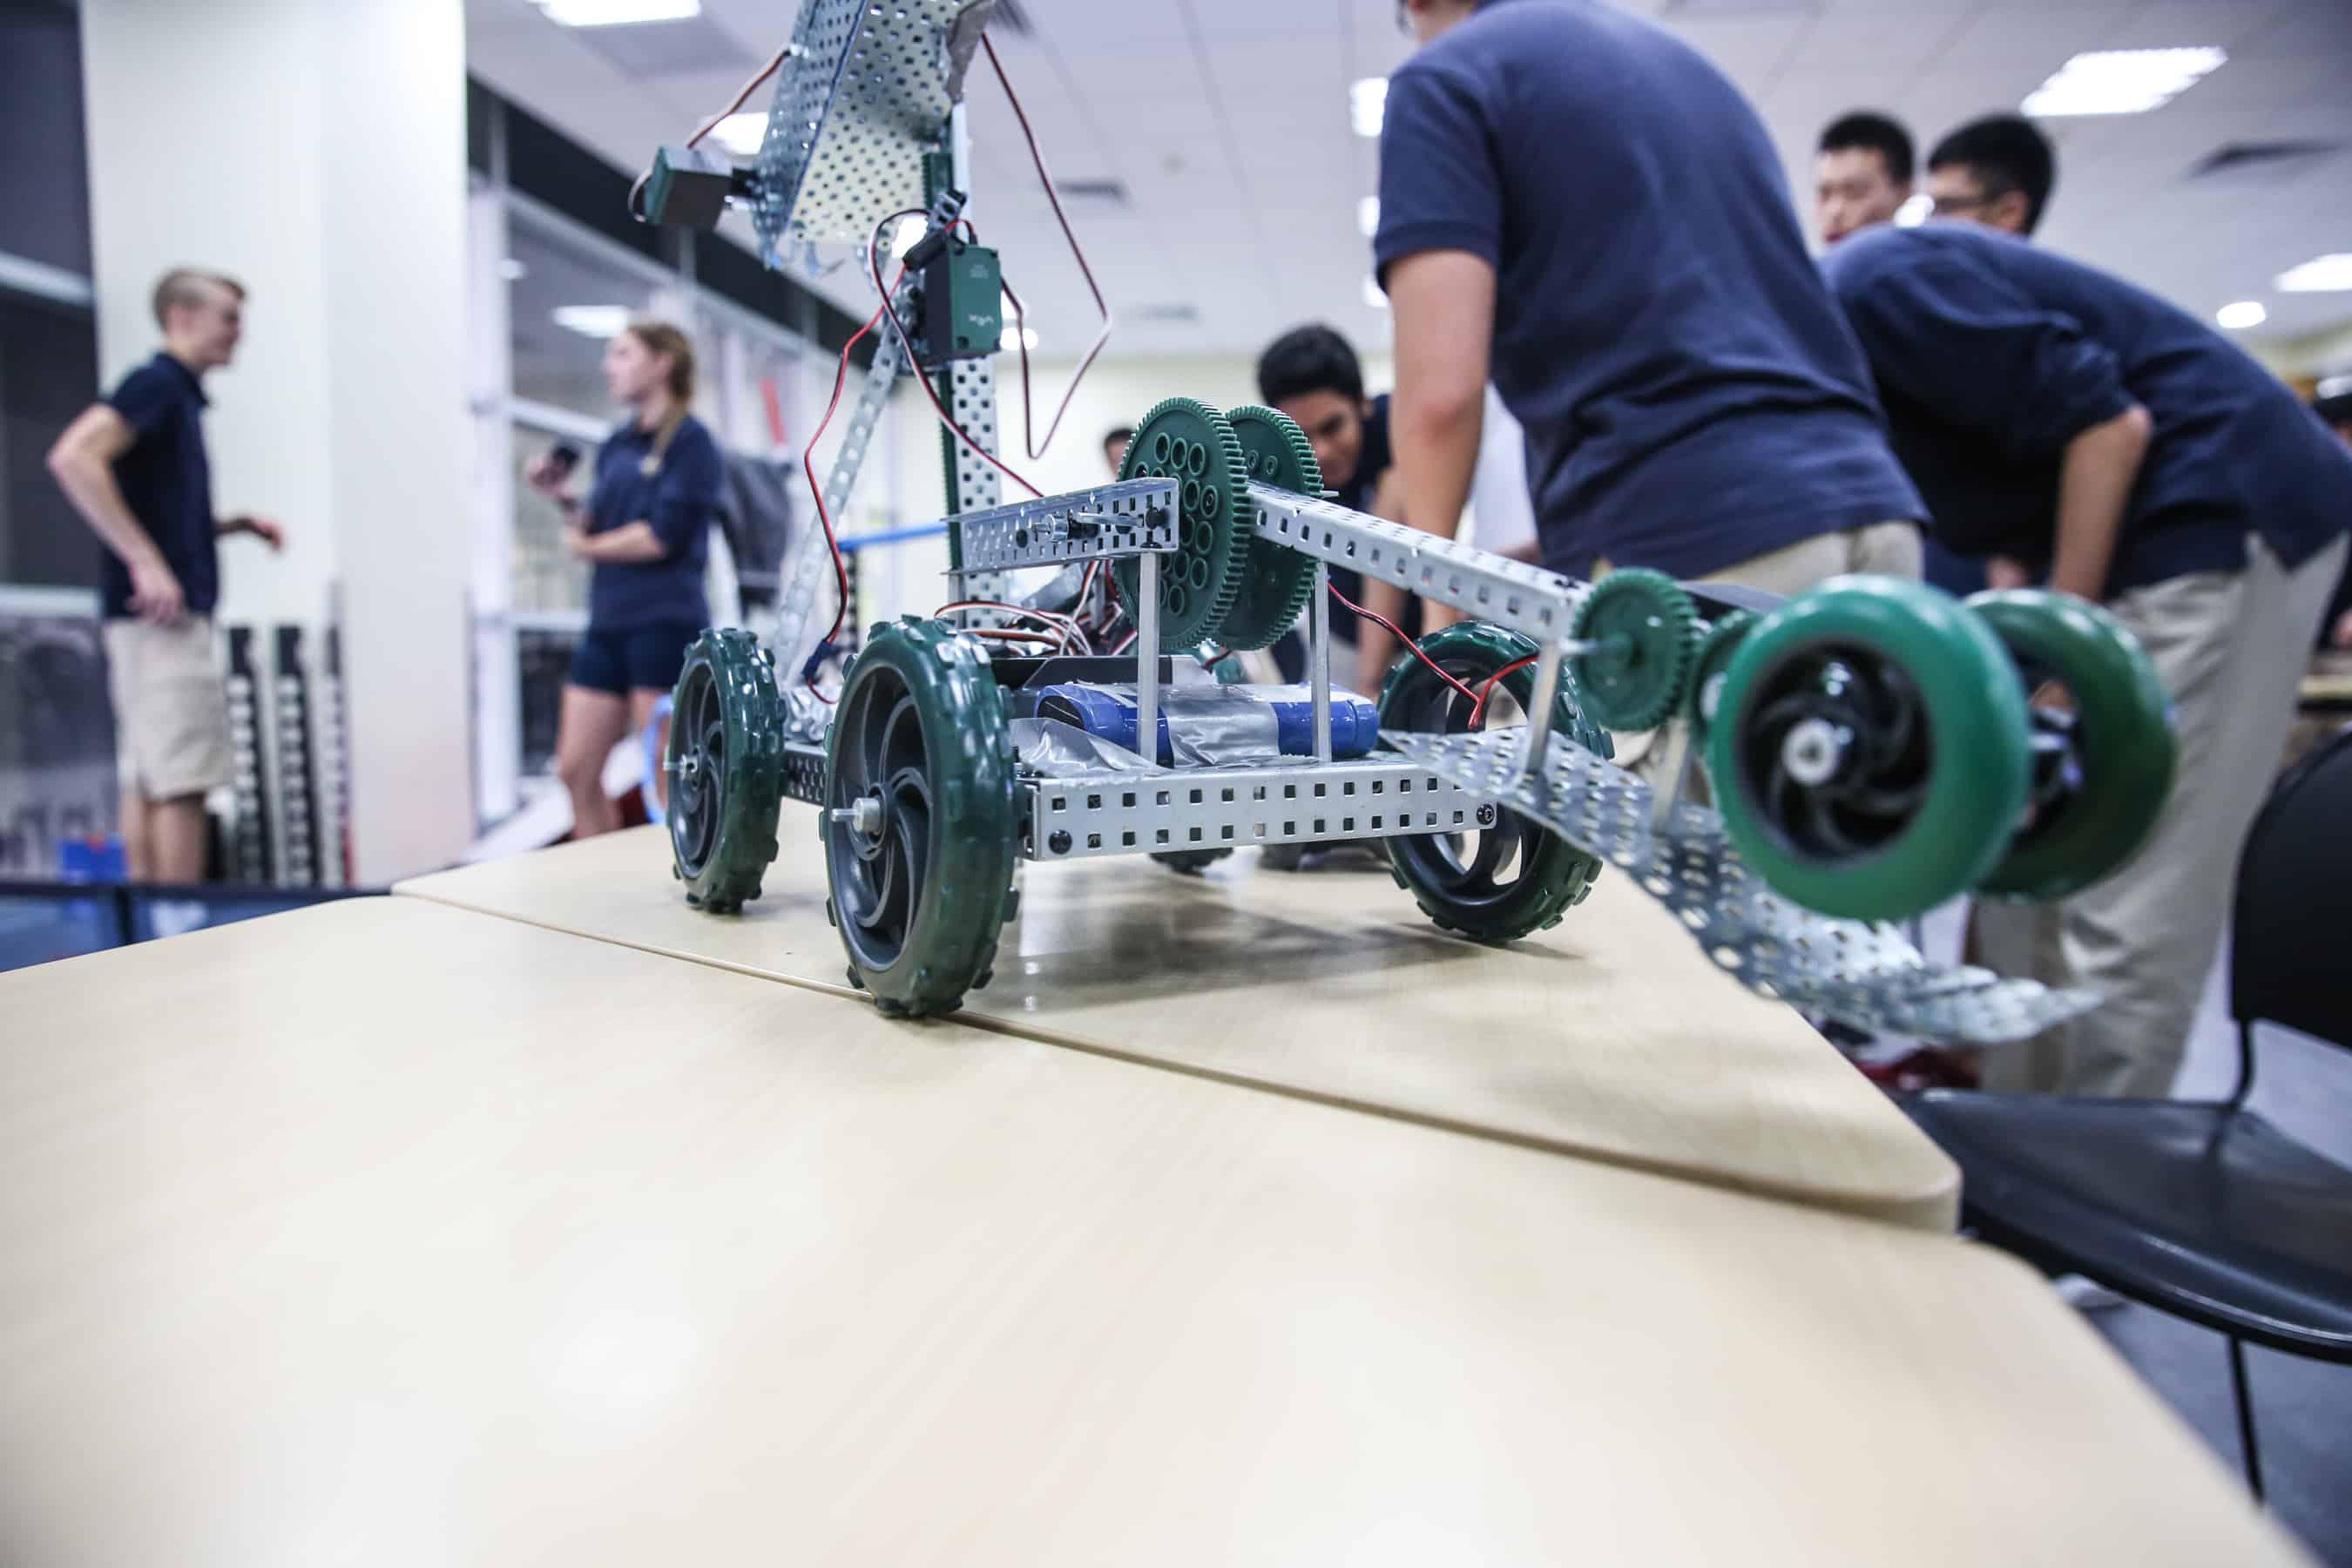 tech_robots-0096